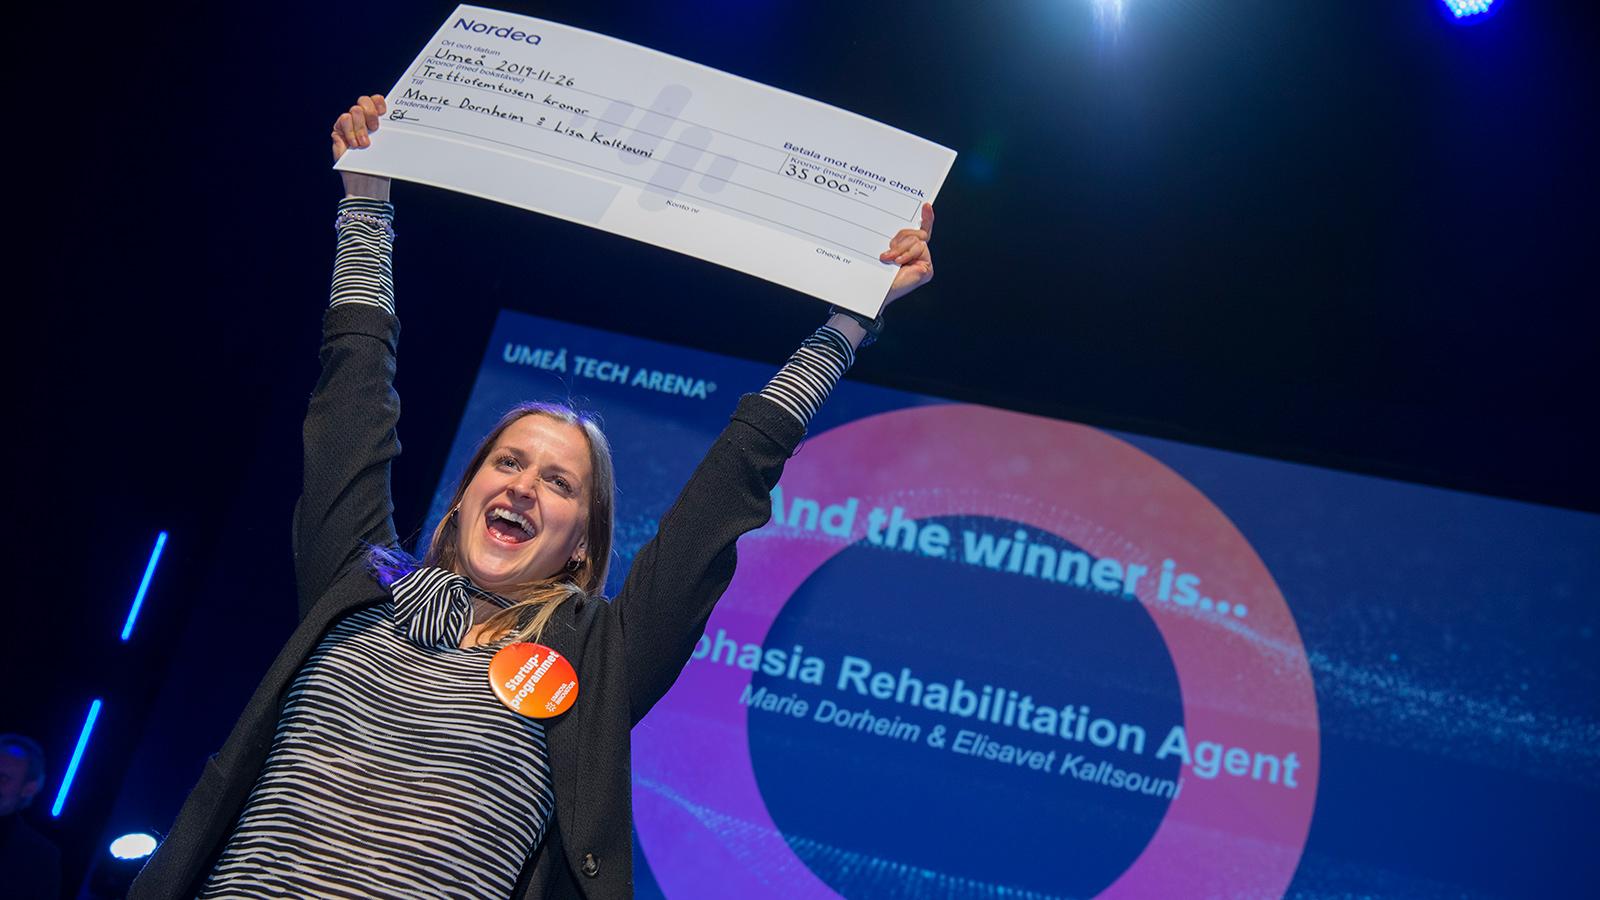 Ett exempel på vinnare från Umeå är entreprenörerna bakom Aphasia Rehabilitation Agent, en rehabiliteringsmetod för att stötta strokedrabbade som drabbats av talproblem, så kallad afasi. Vinnarna Marie Dorheim och Elisavet Kaltsouni fick ta emot Nordeas stora stipendium för startupidéer, som delades ut vid Umeå Tech Arena hösten 2019. Uminova Innovation arrangerar Umeå Tech Arena.